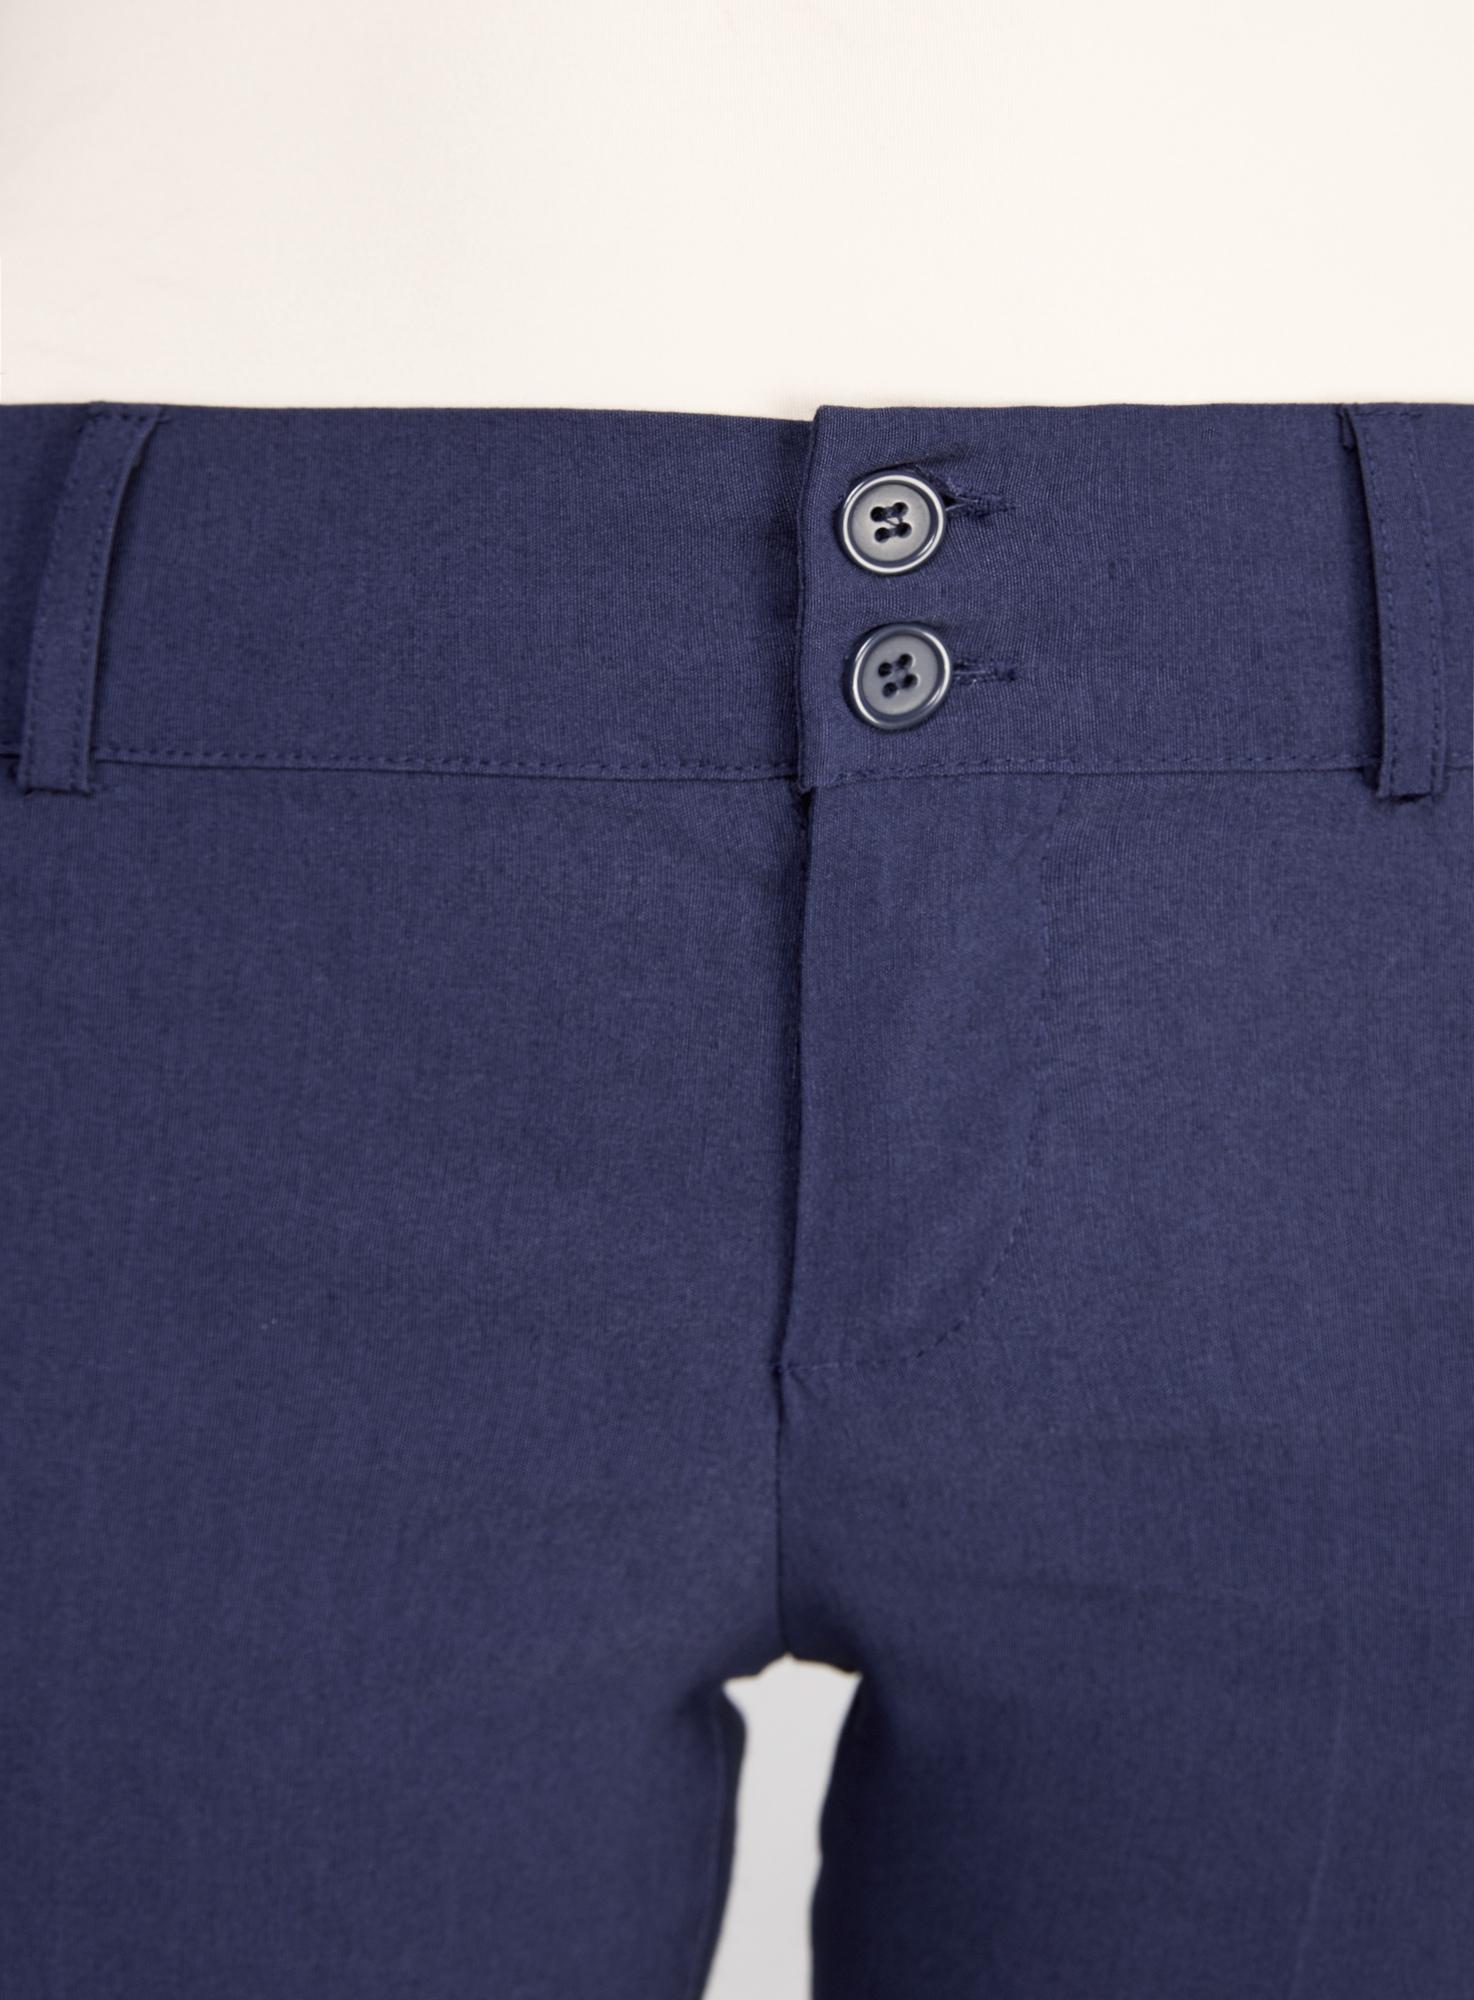 Брюки стретч узкие oodji для женщины (синий), 11700212B/14007/7900N